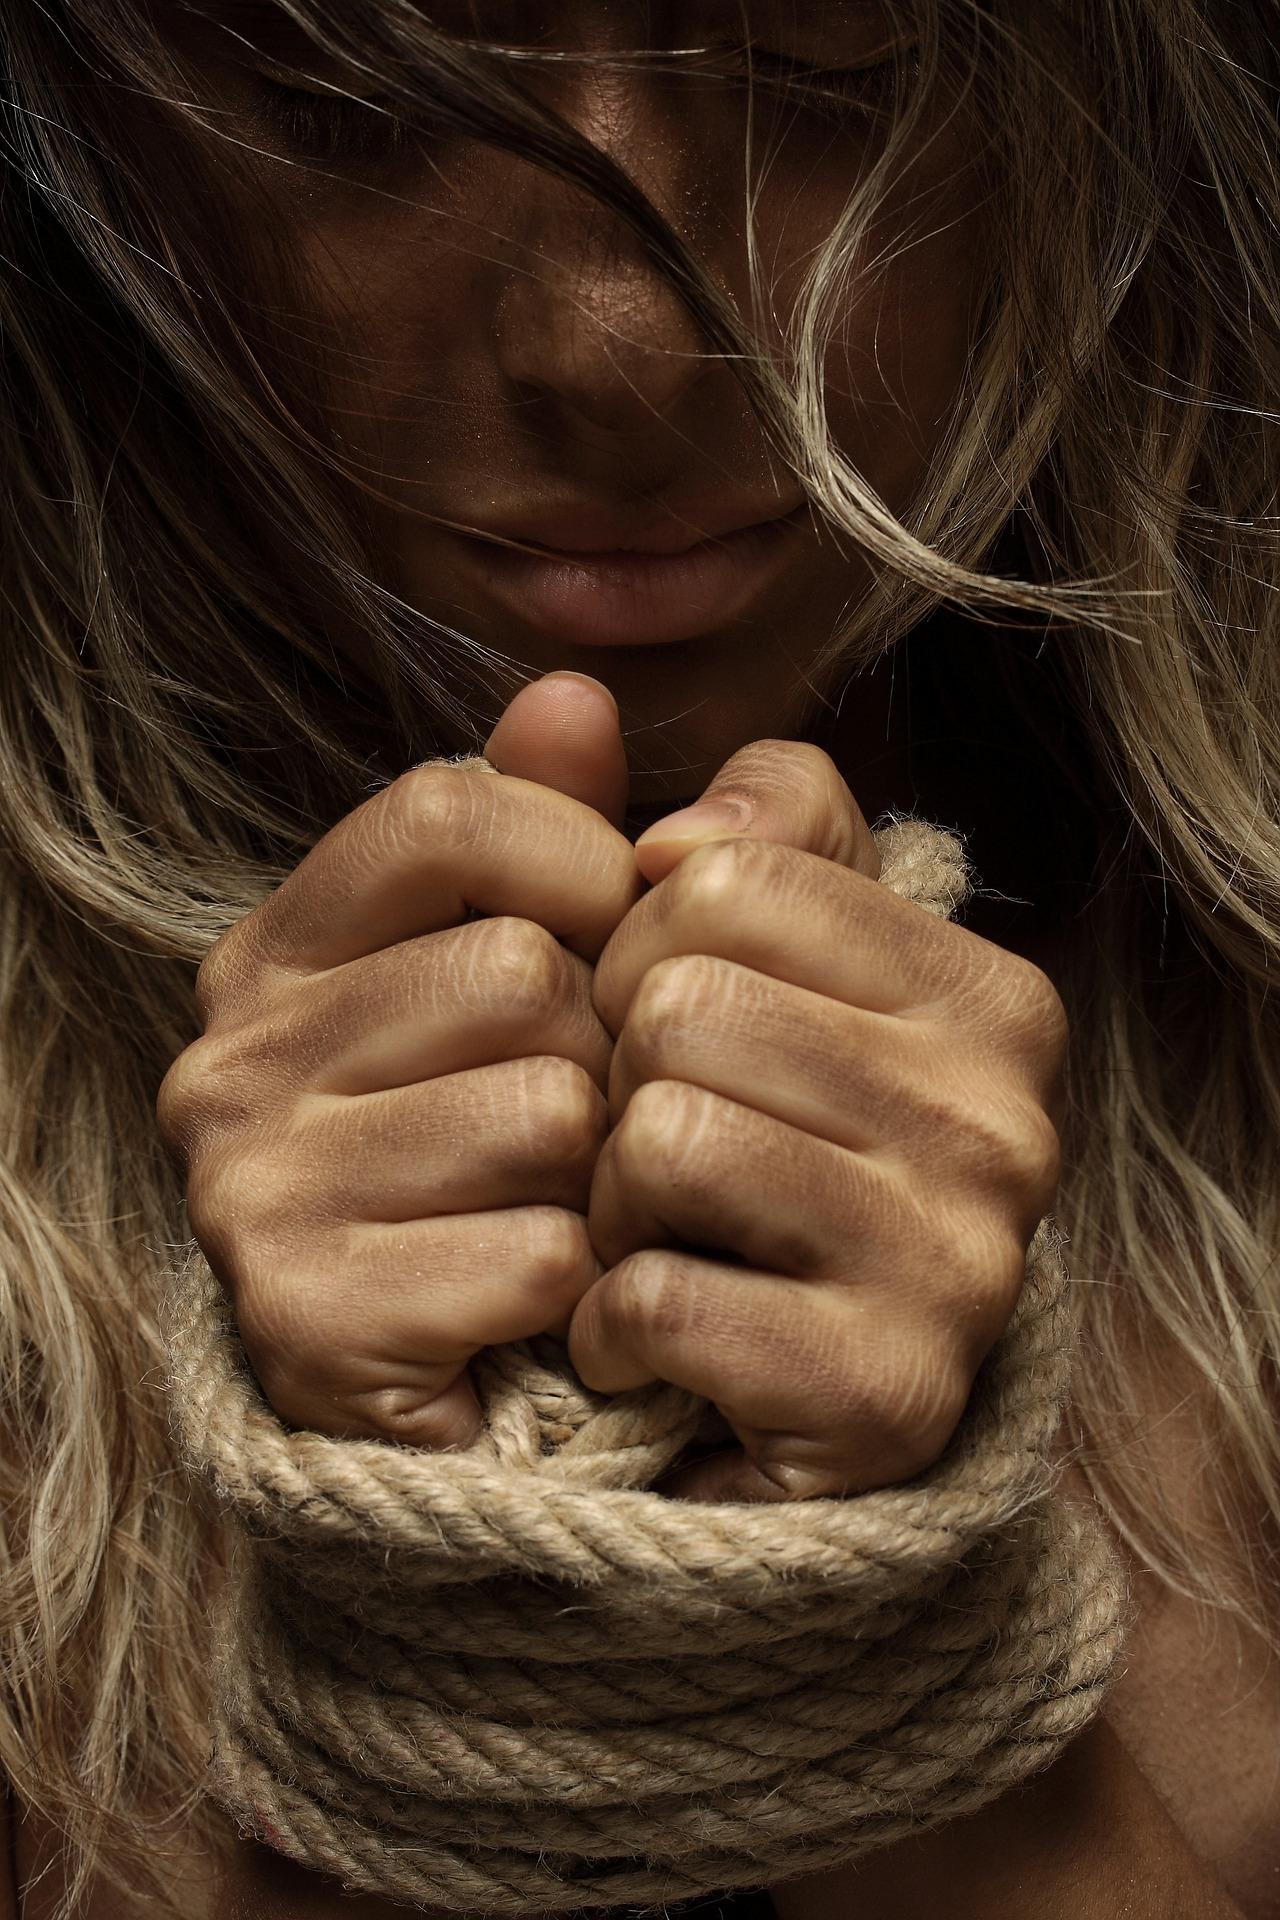 violencia genero mujer hombre dia internacional